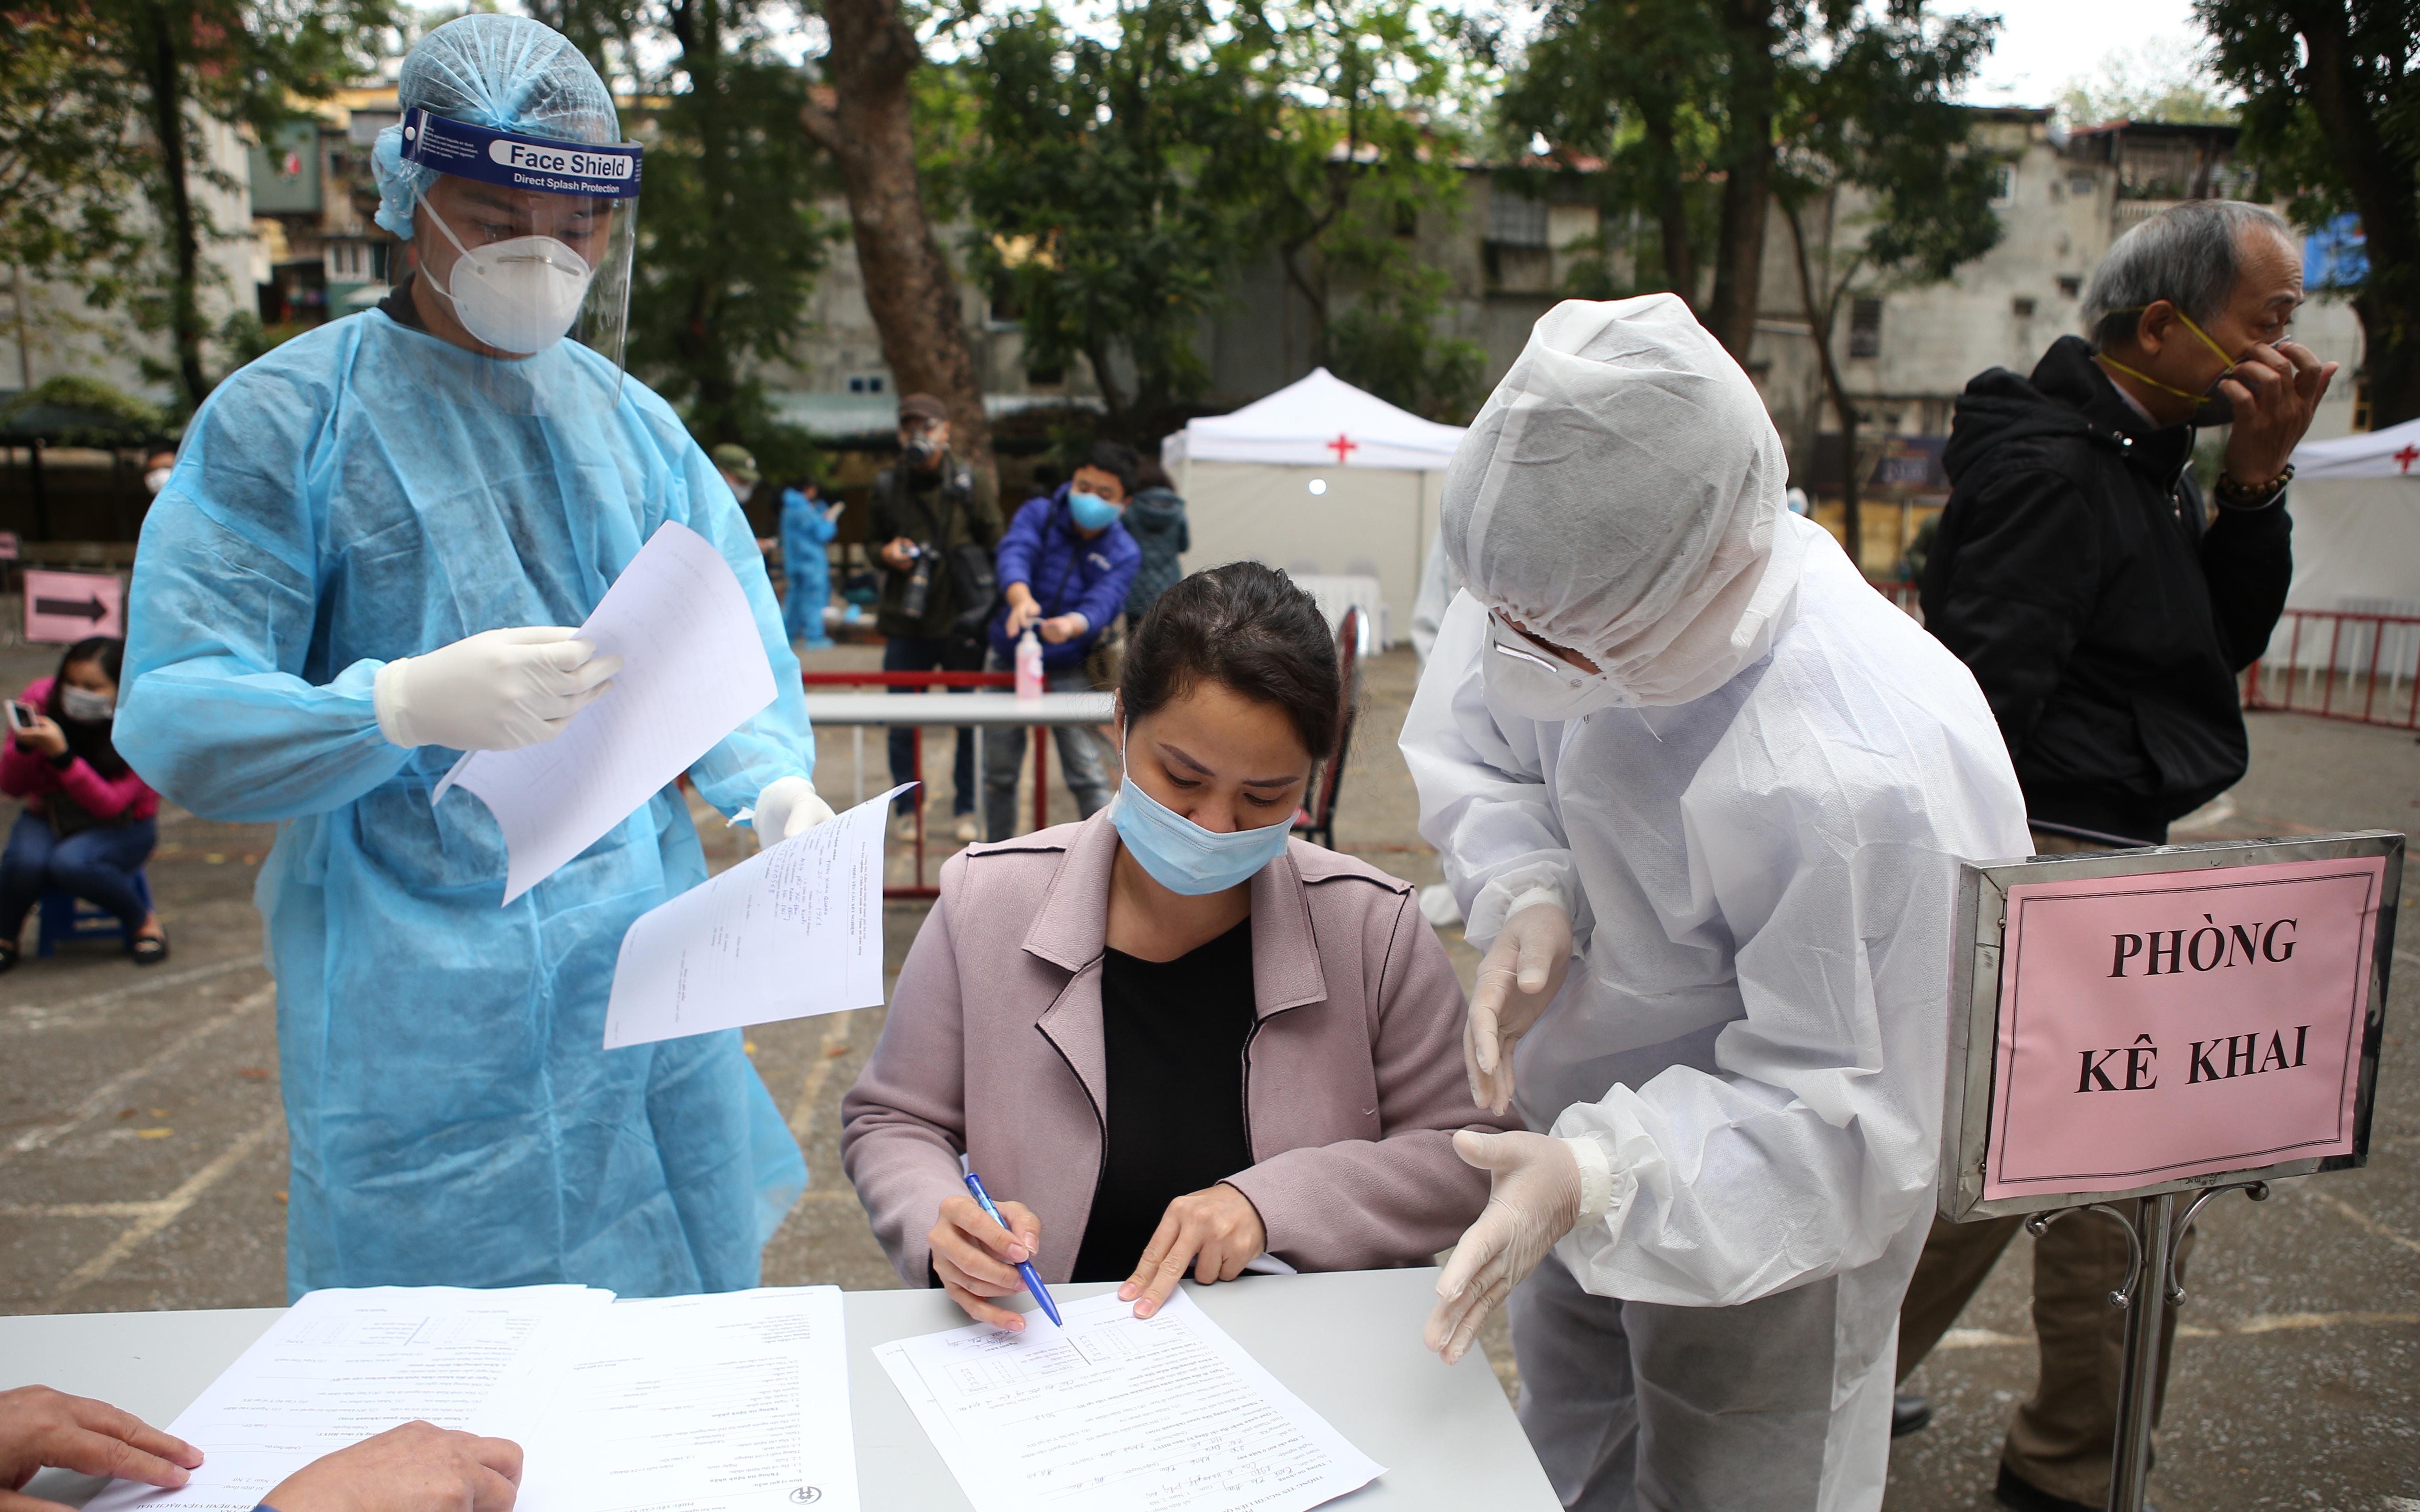 Chùm ảnh: Cận cảnh chốt lấy mẫu máu test Covid-19 xung quanh bệnh viện Bạch Mai